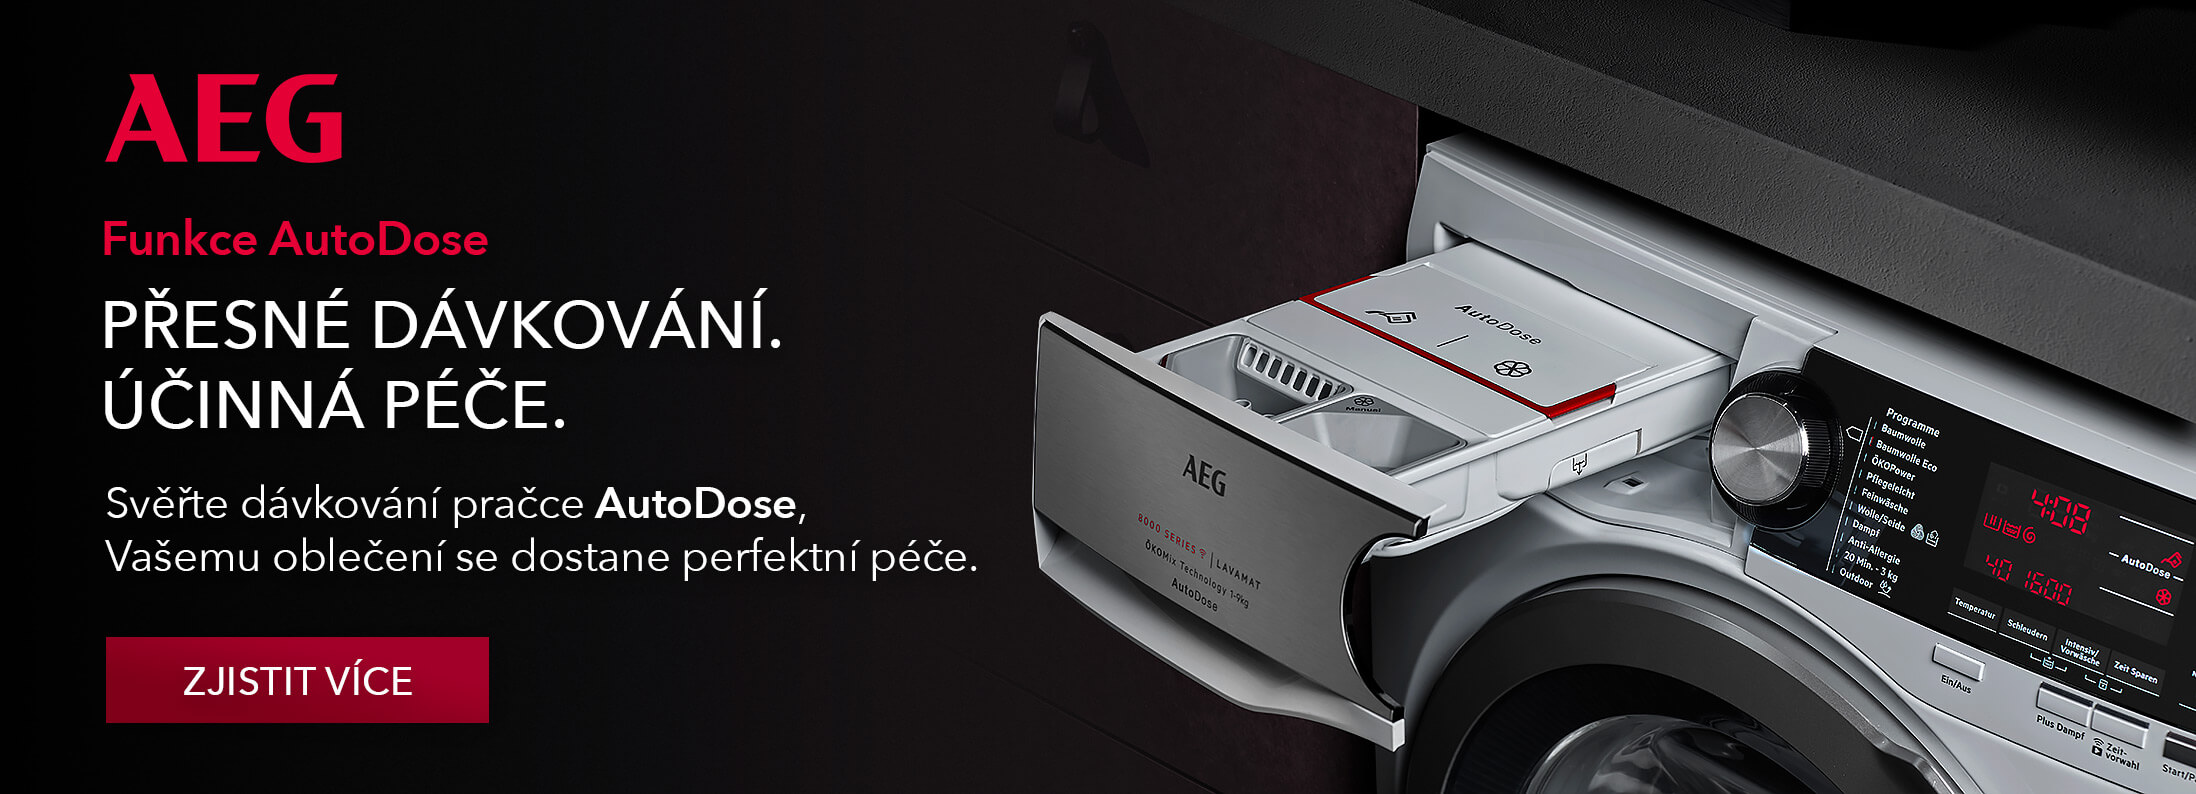 AEG - AutoDose